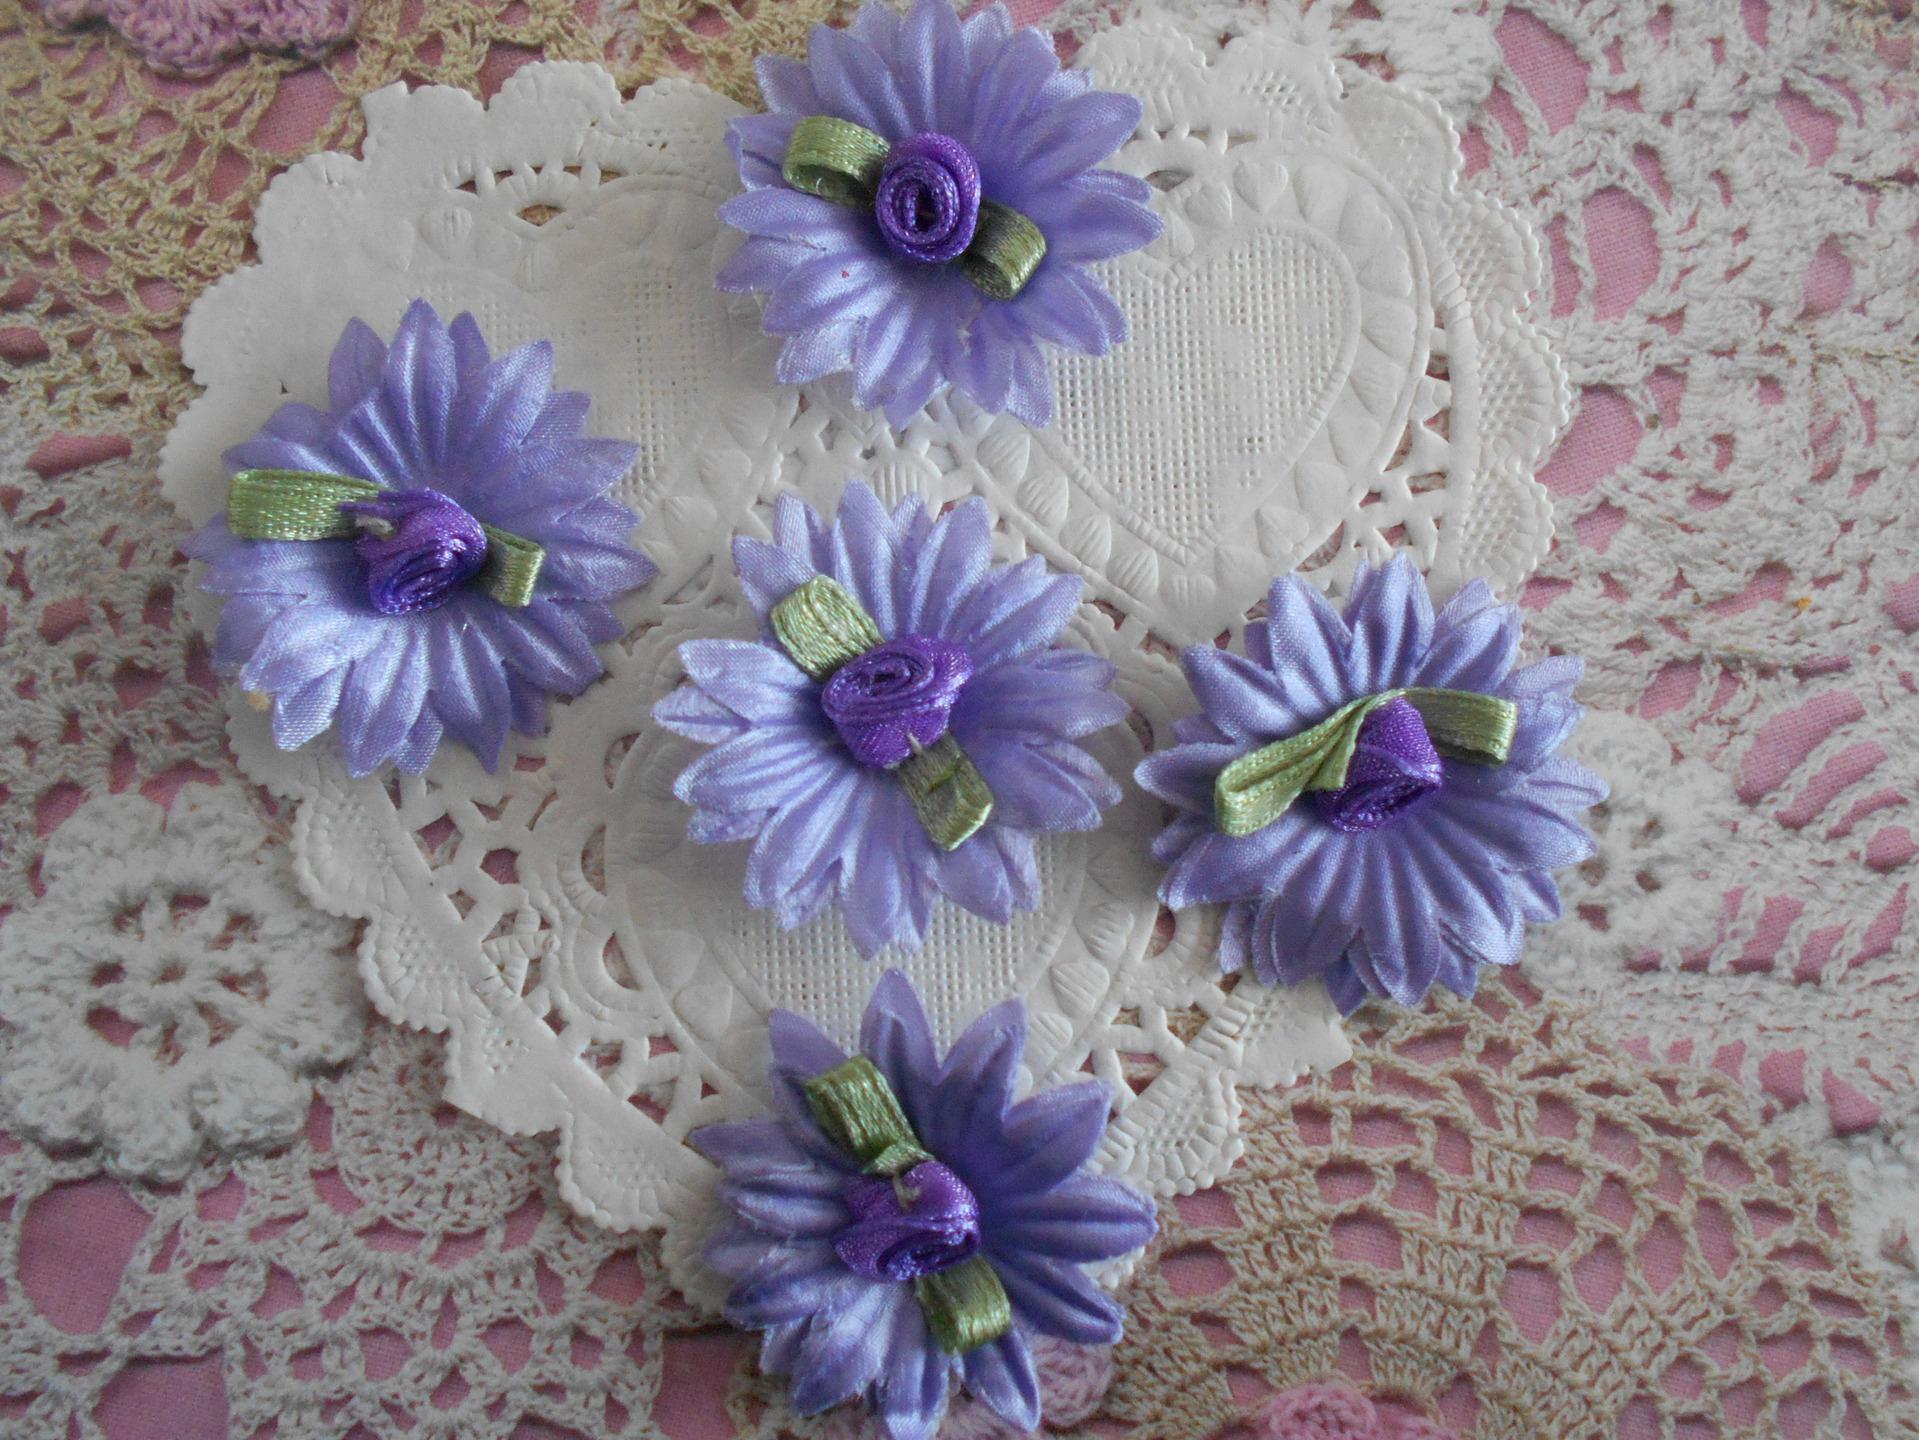 Fleurs mauves satin fleur violette feuilles vertes fleurs - Image fleur violette ...